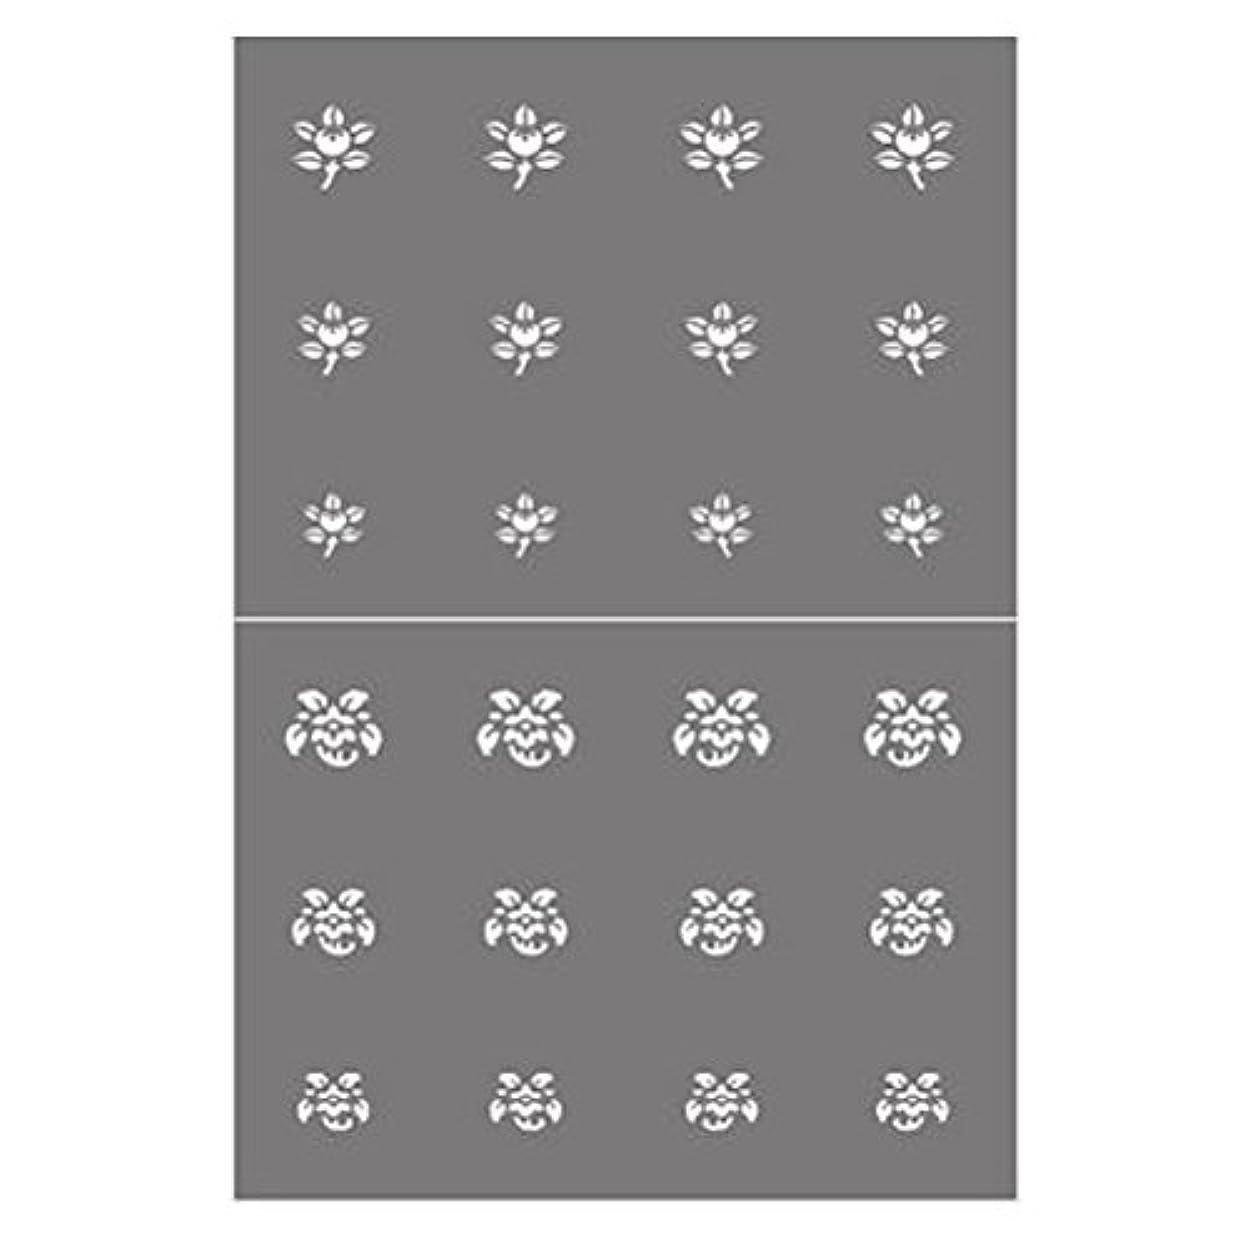 動力学過敏なスキーステンシル NSK-66